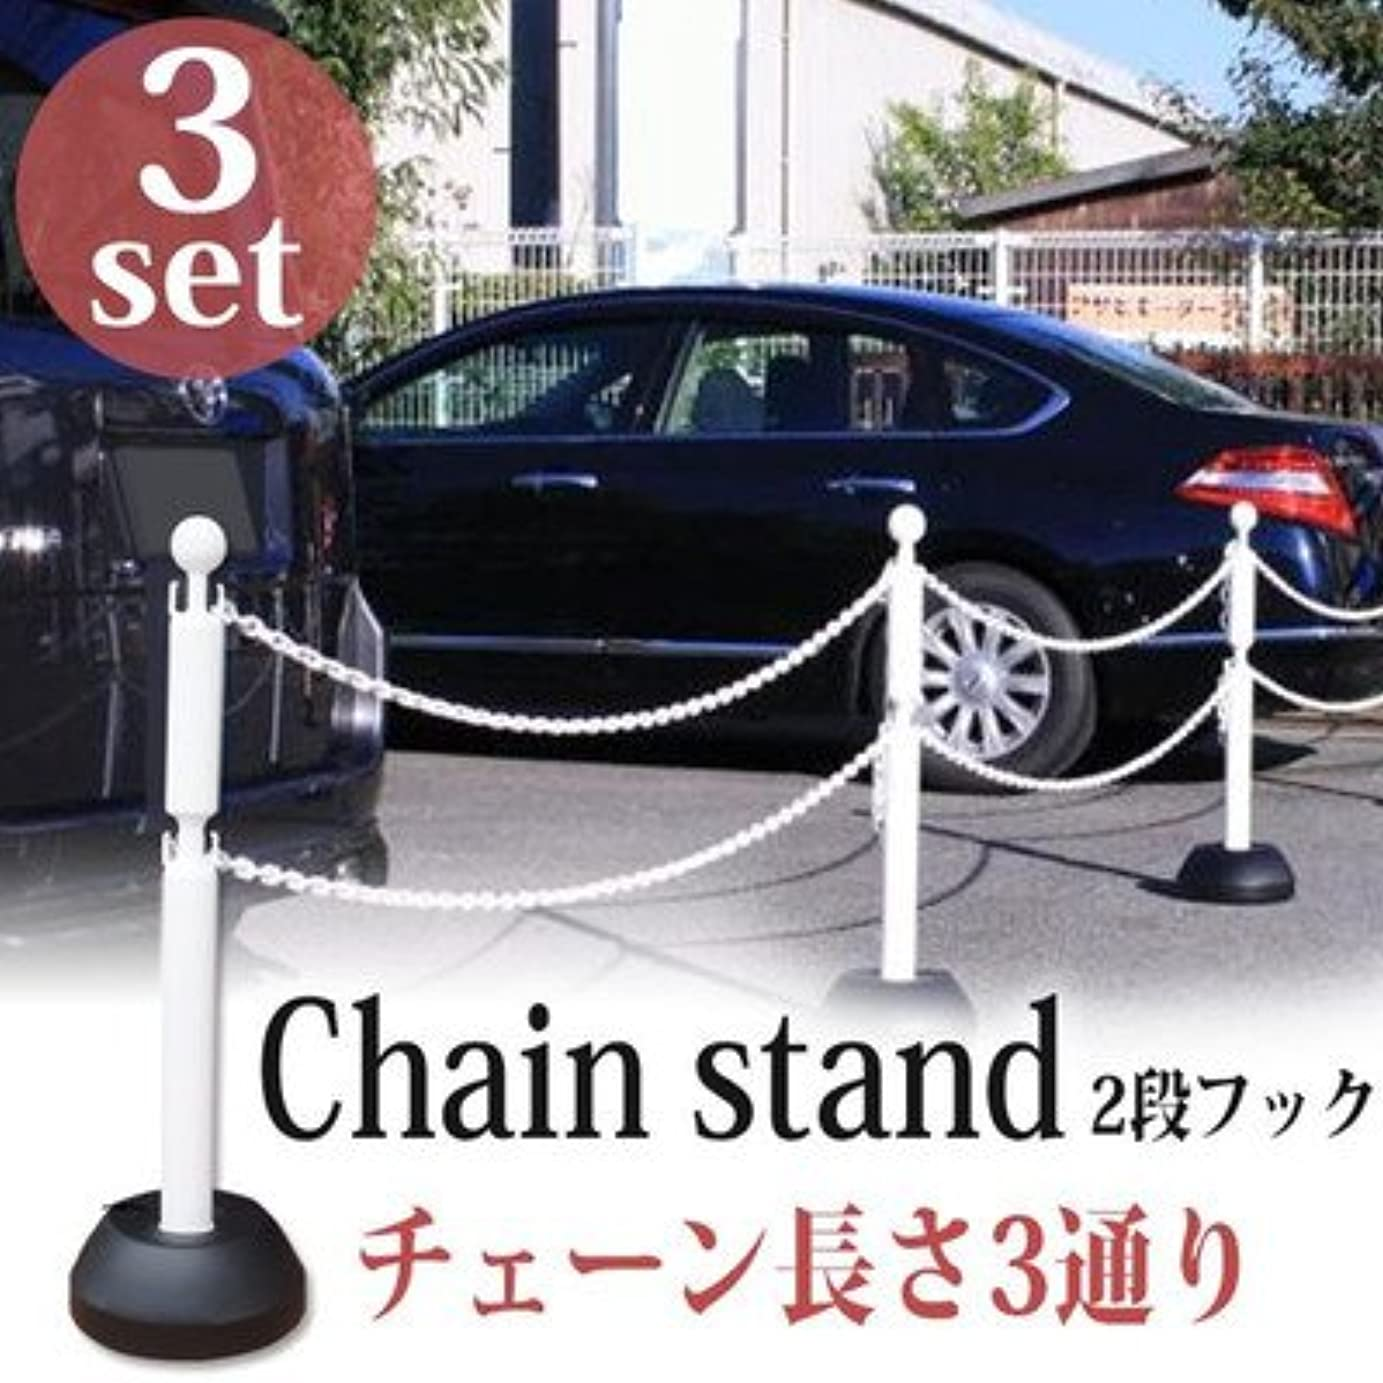 シリアル不適反対に駐車場 ポール チェーンスタンド2段 ホワイト 本体3本セット+チェーン付き 5m×1本 銀